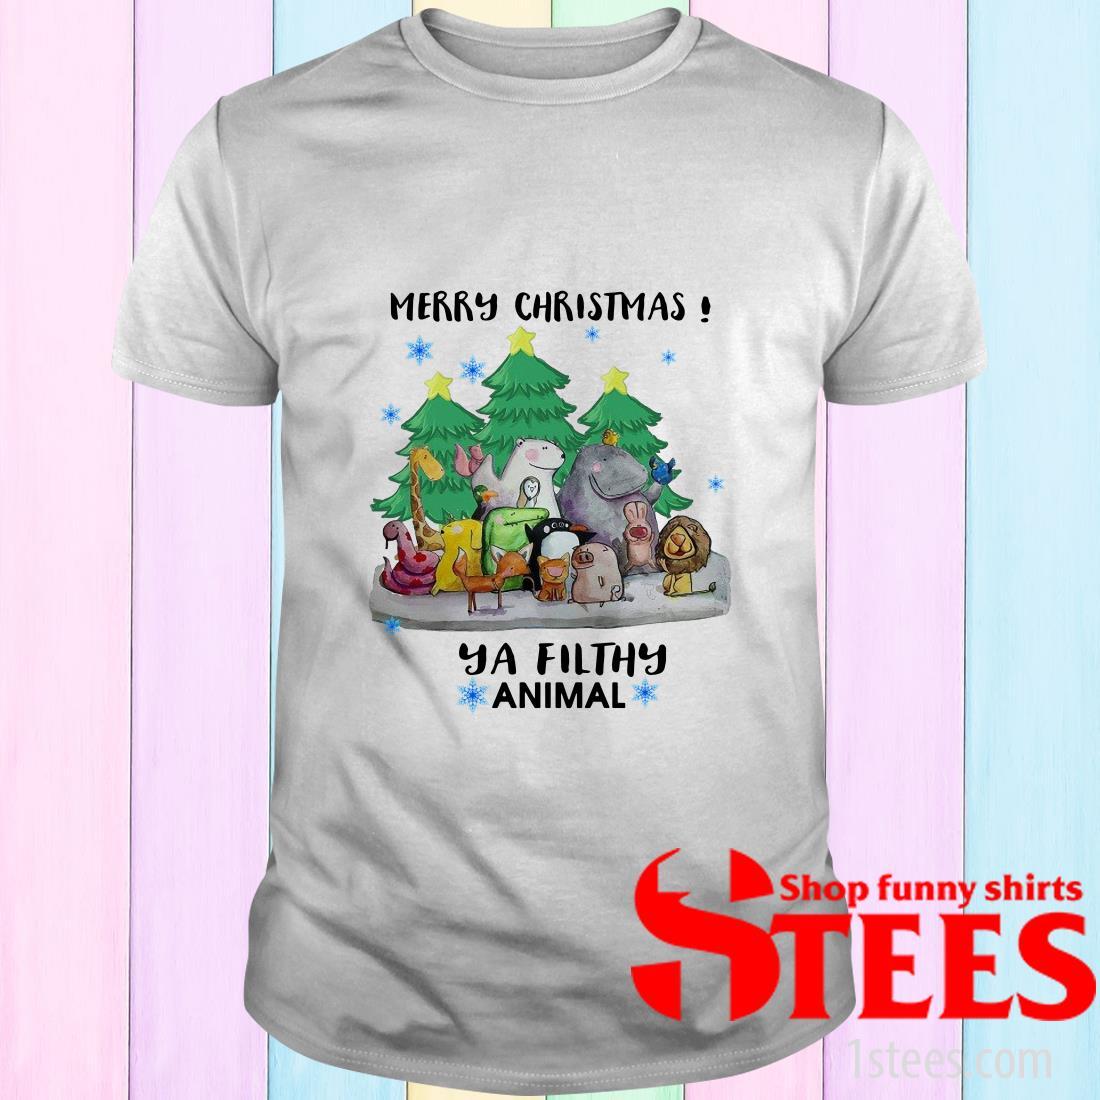 Merry Christmas Animal Hooded Sweatshirt